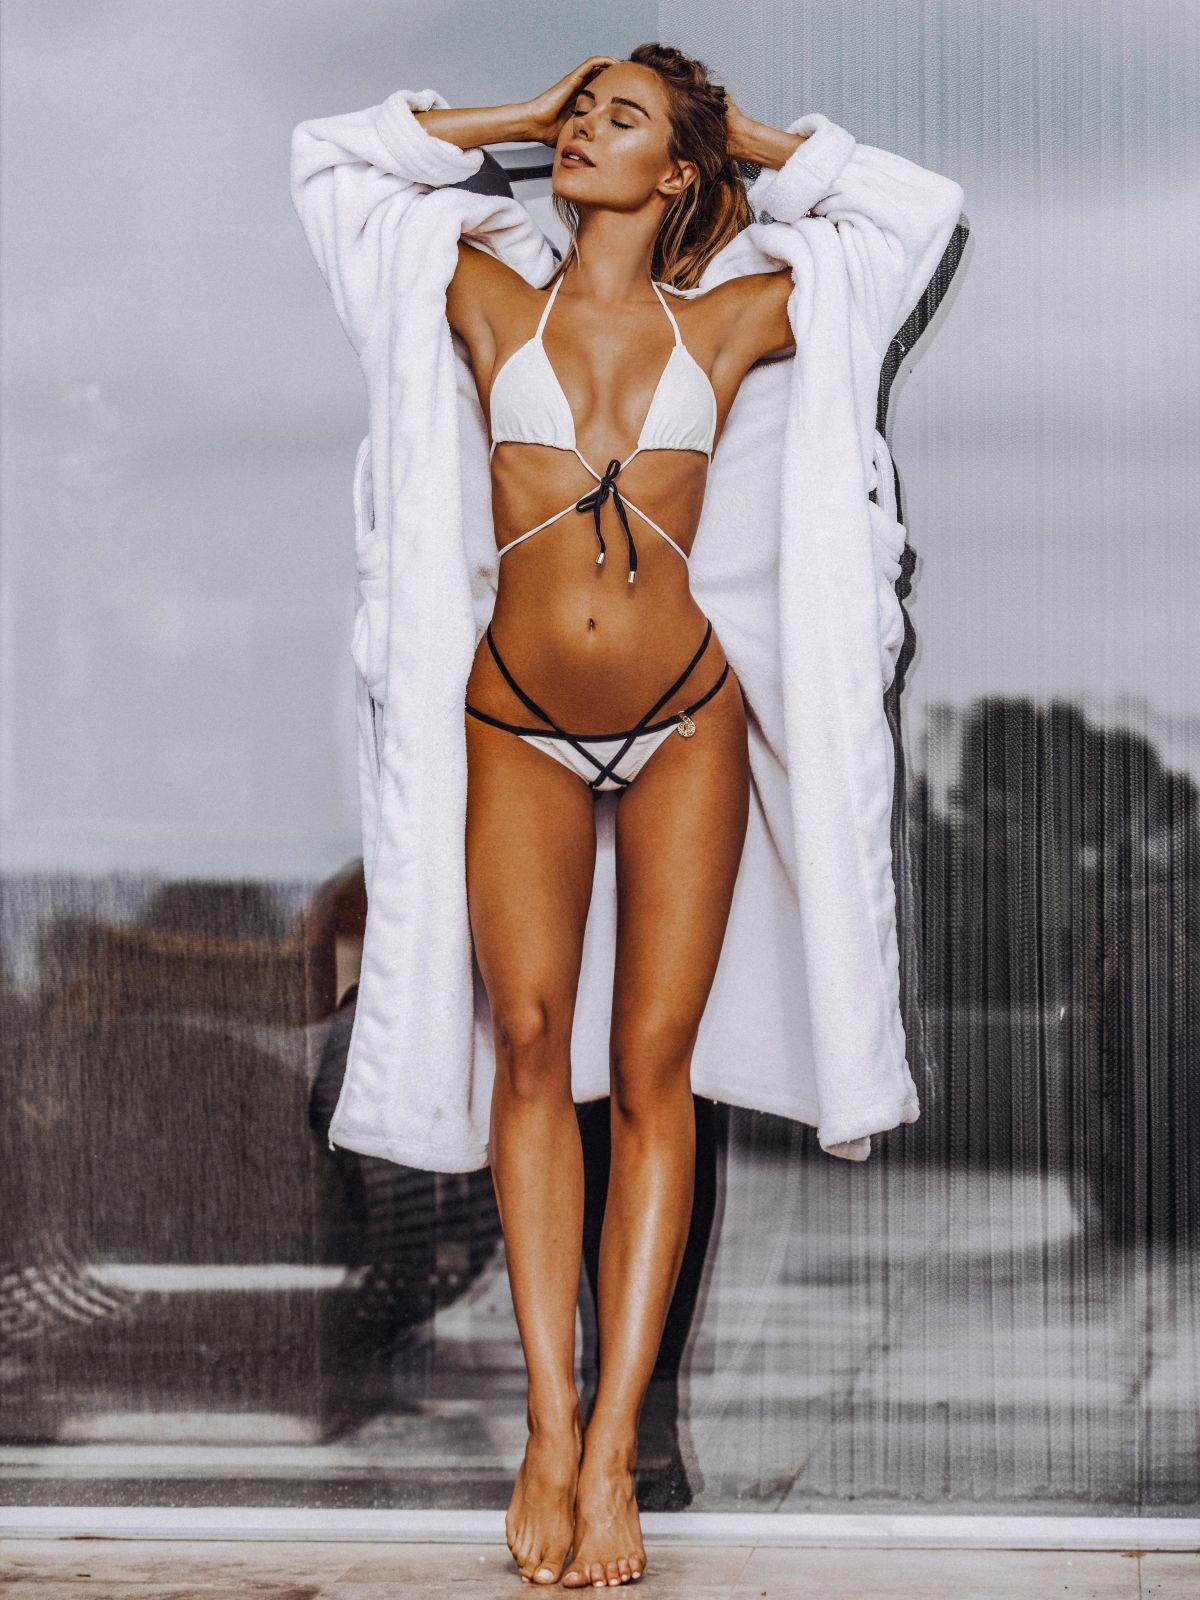 Celebrity Kimberley Garner nude (81 photo), Tits, Fappening, Selfie, legs 2017